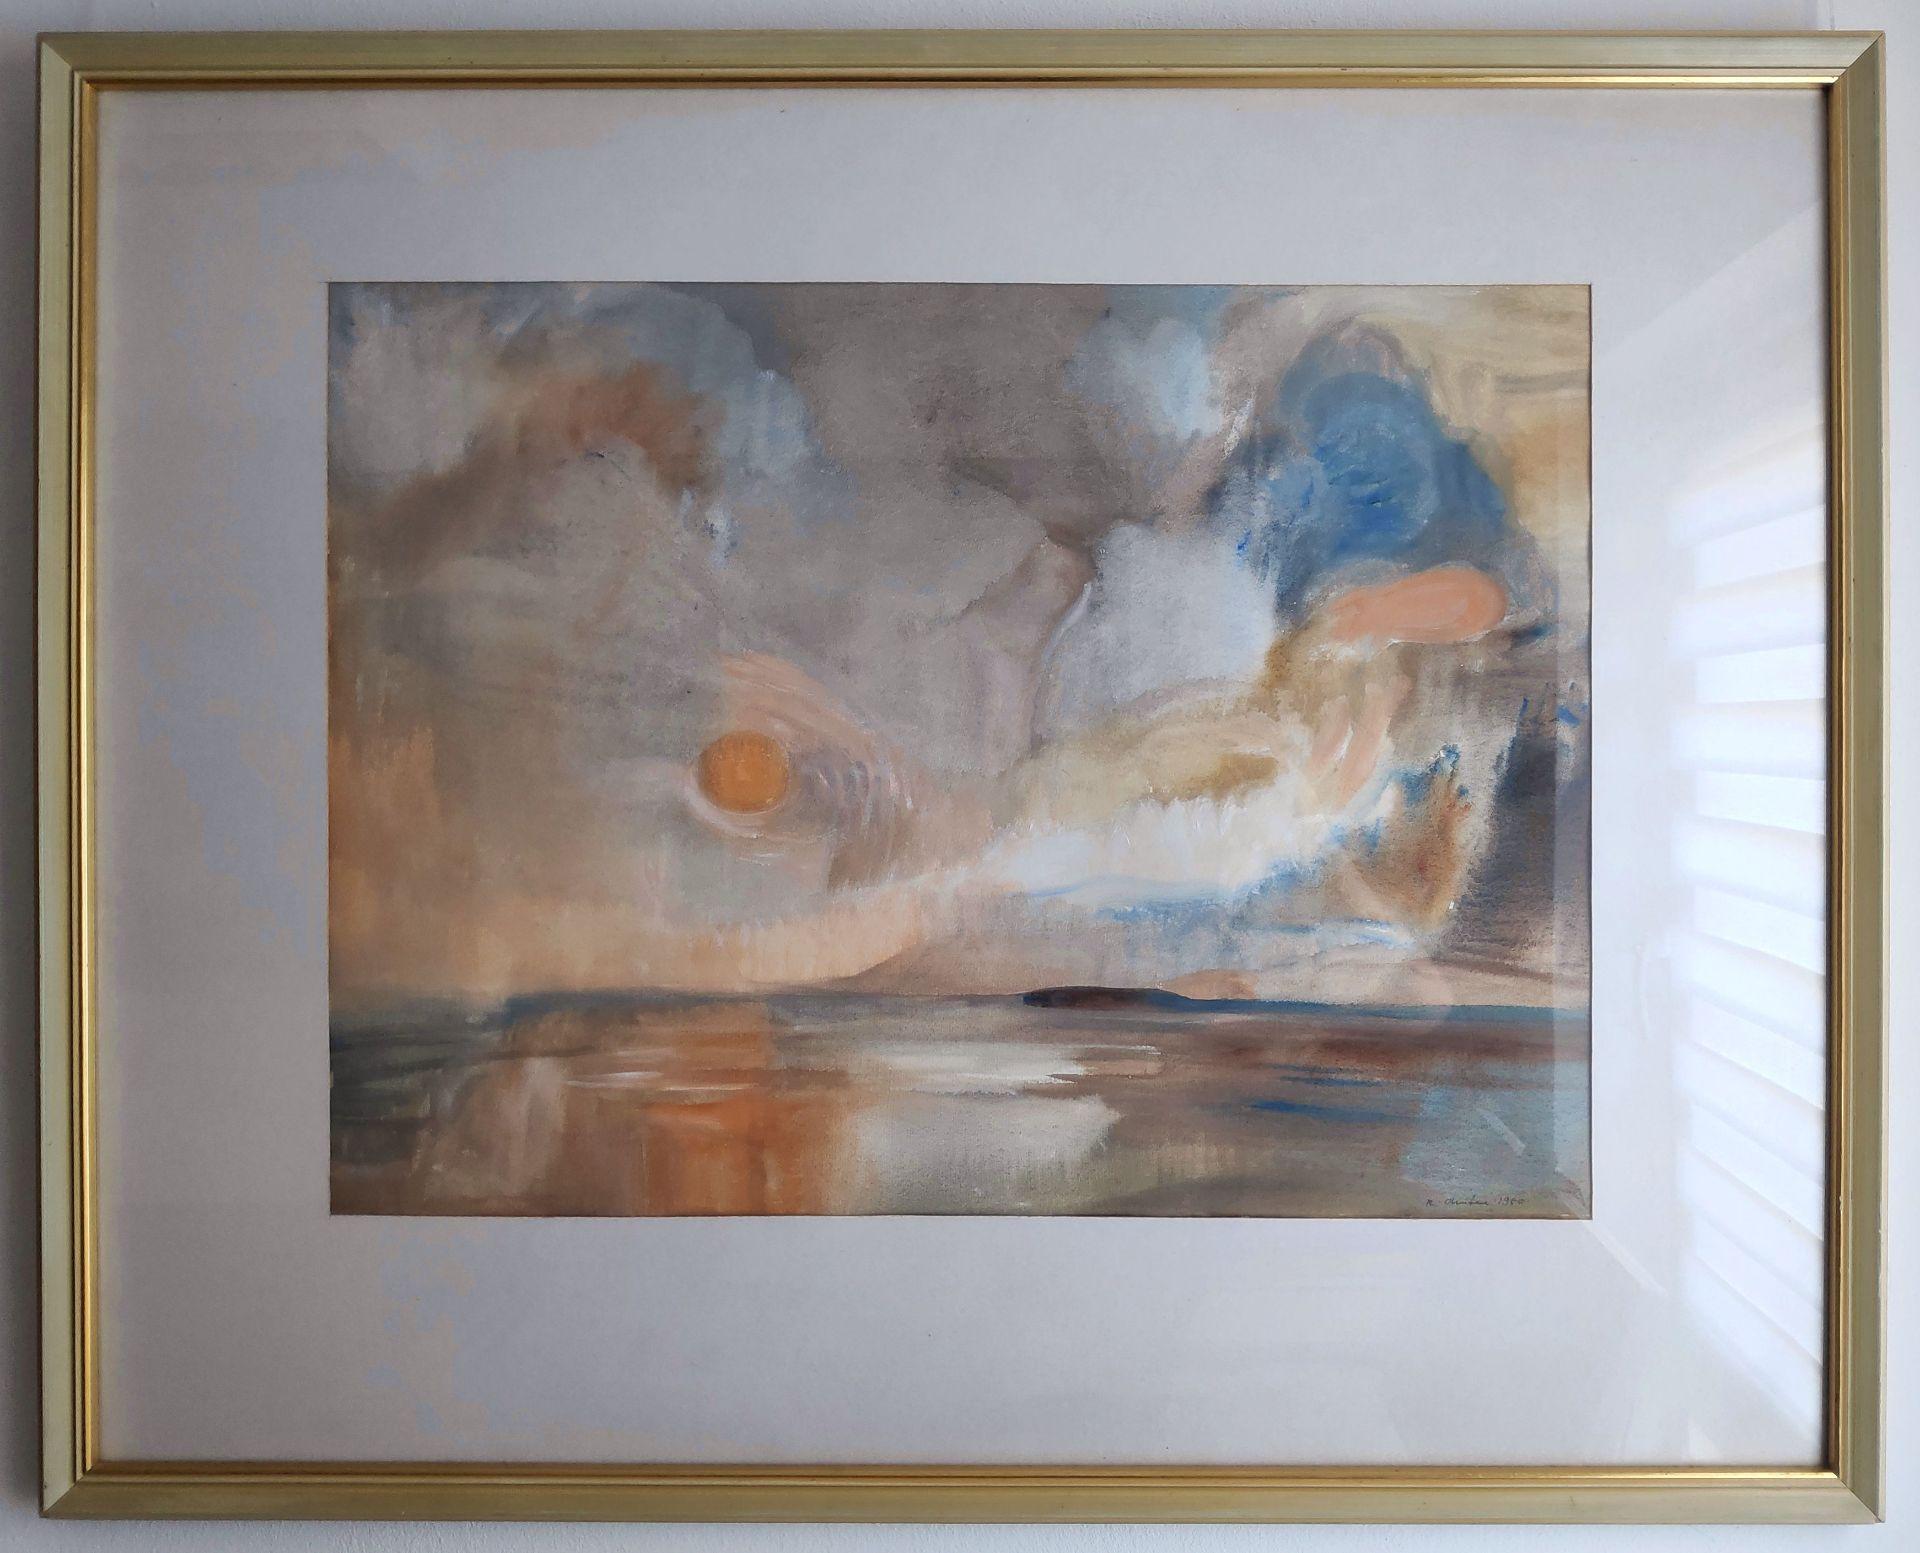 """Austen, Rudolf (1931 Hainspach - 2003 Rostock) """"Abendsonne über Boddenlandschaft"""" - Bild 2 aus 3"""